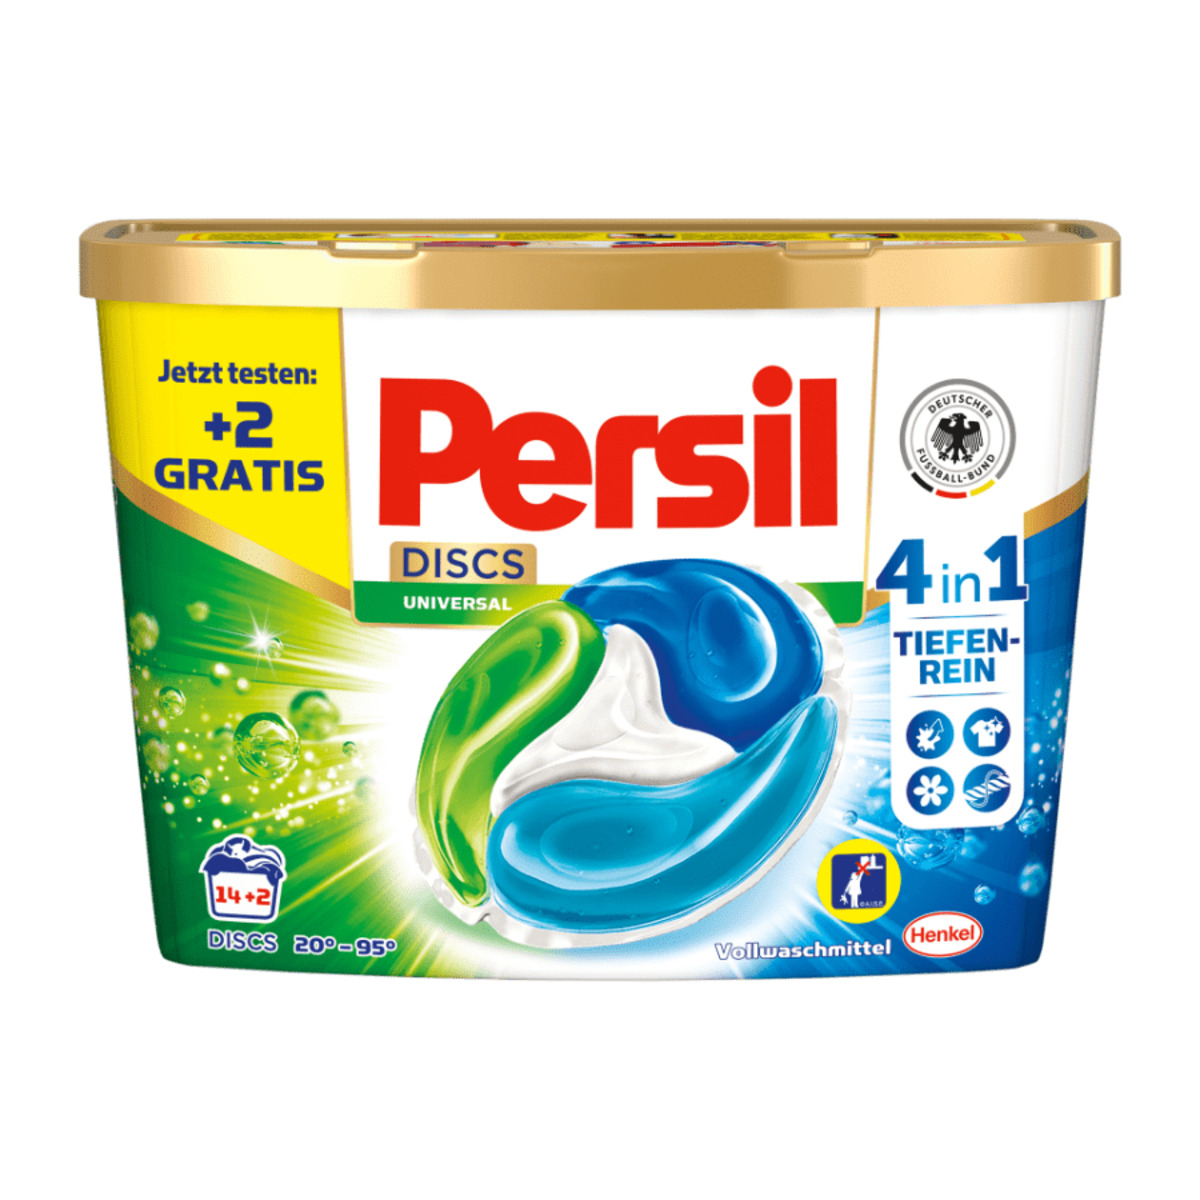 Bild 3 von Persil Discs